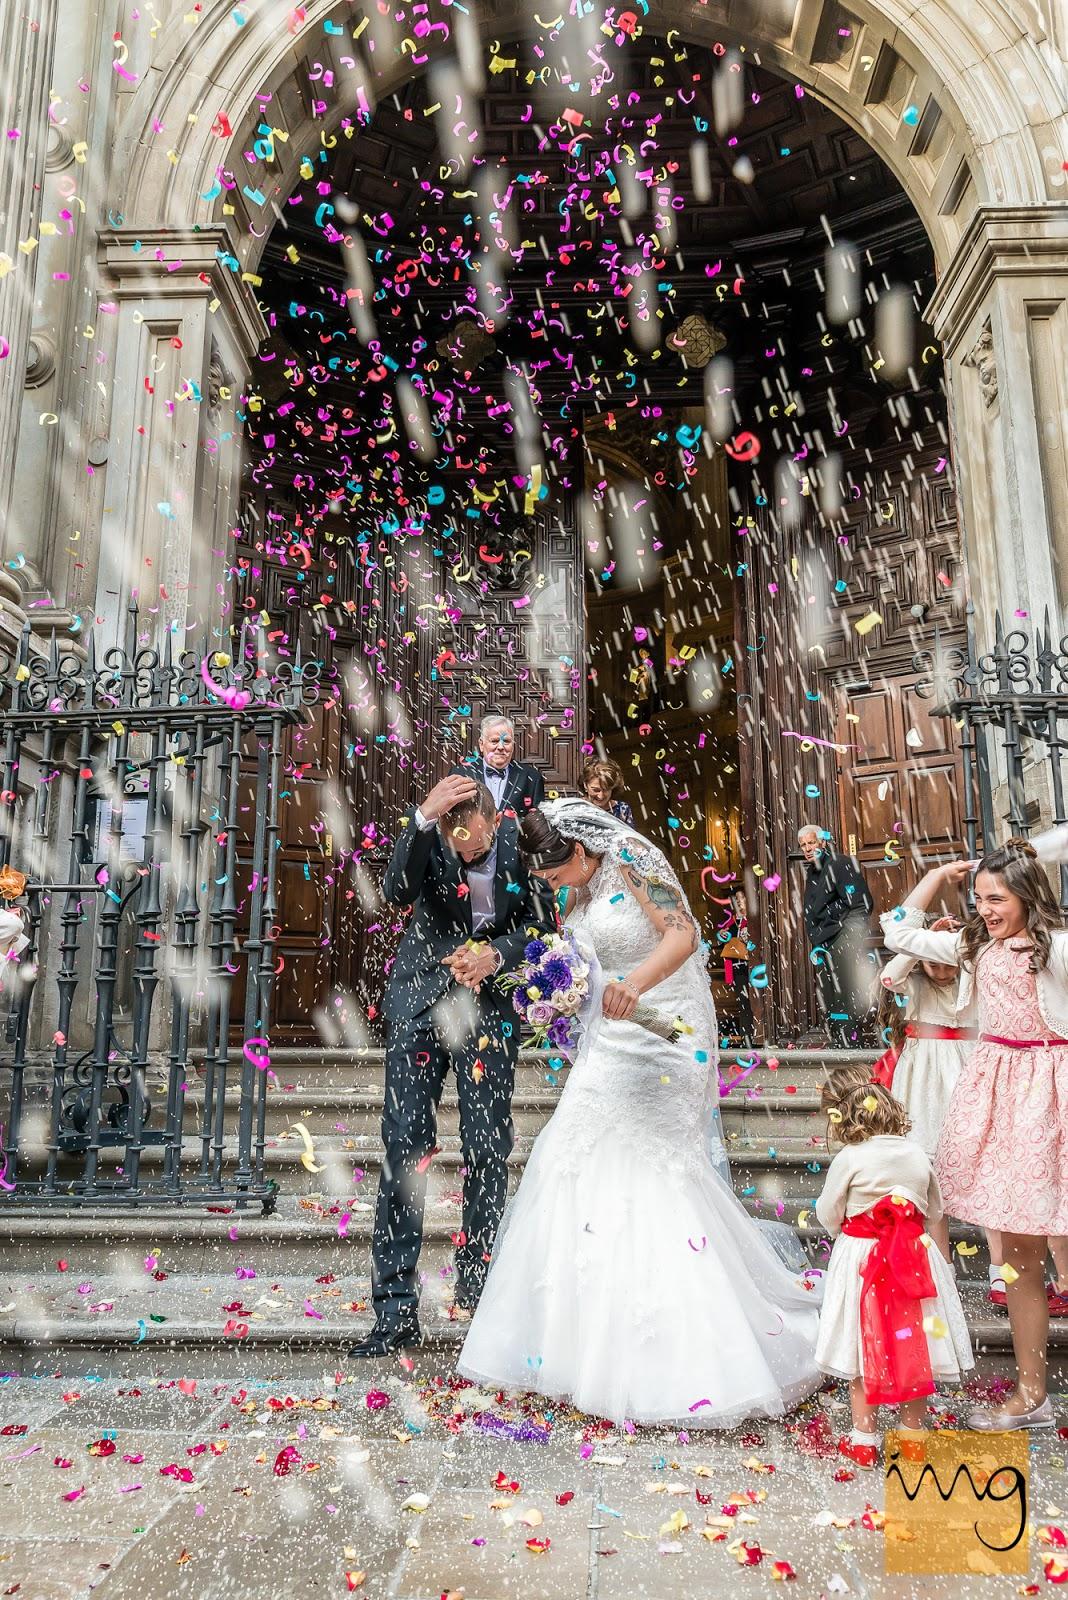 Fotografía de los novios en una lluvia de confeti